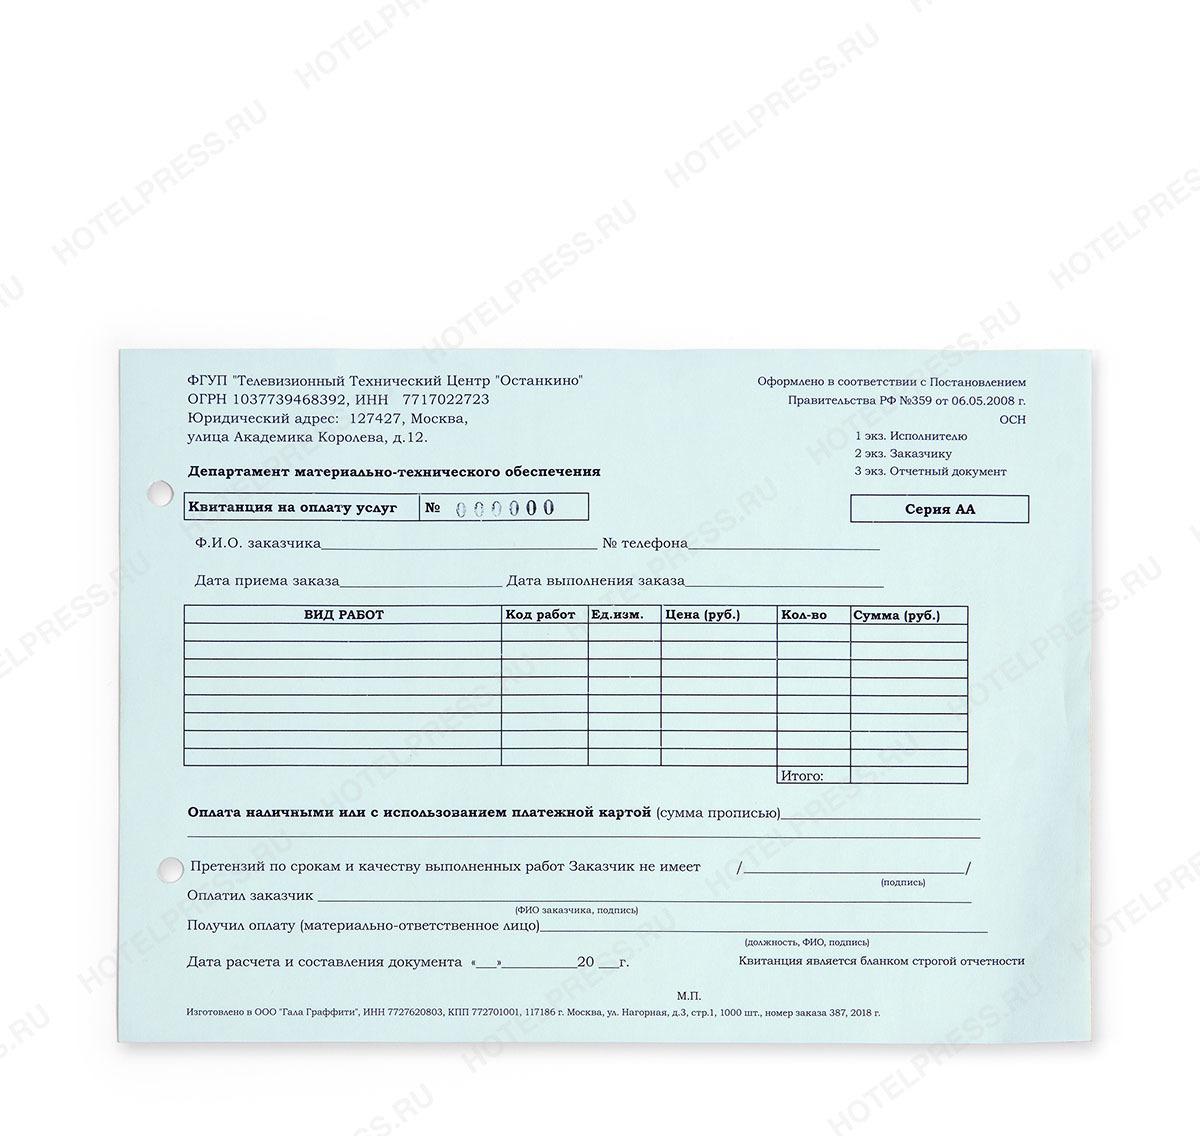 Квитанция на оплату услуг с нумерацией и самокопиркой